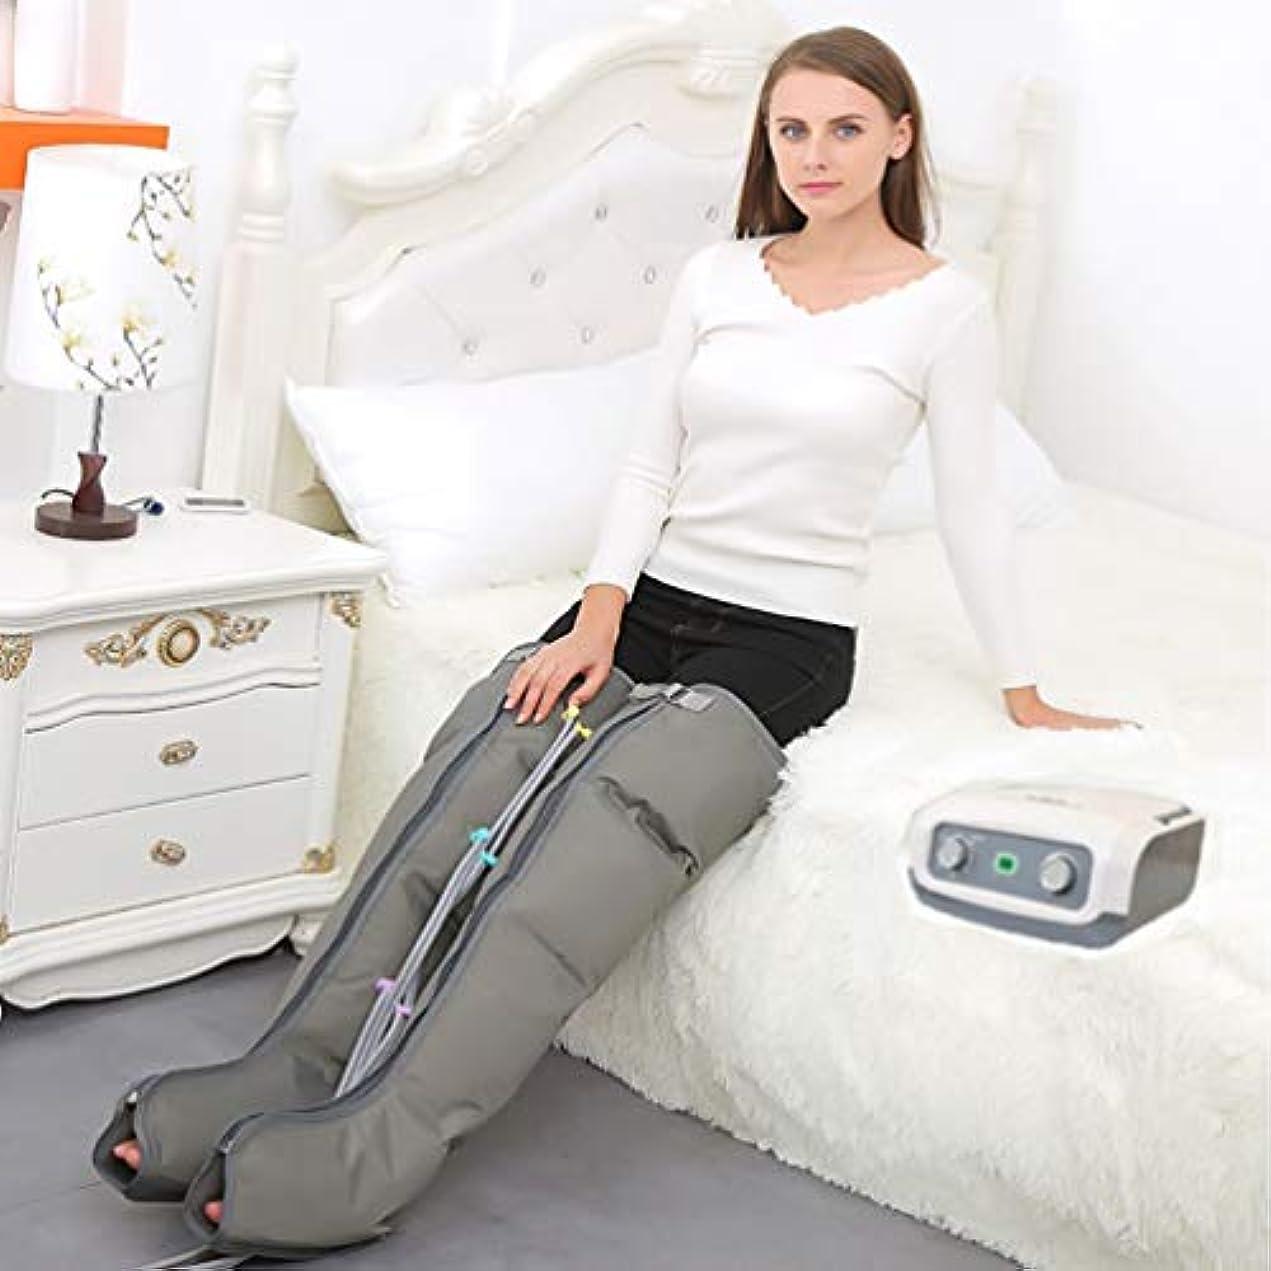 におい膜少数足のふくらはぎ循環ブースターマッサージ療法4キャビティ高齢者の足のマッサージのための空気圧縮脚マッサージ機,doubleLowerlimbs